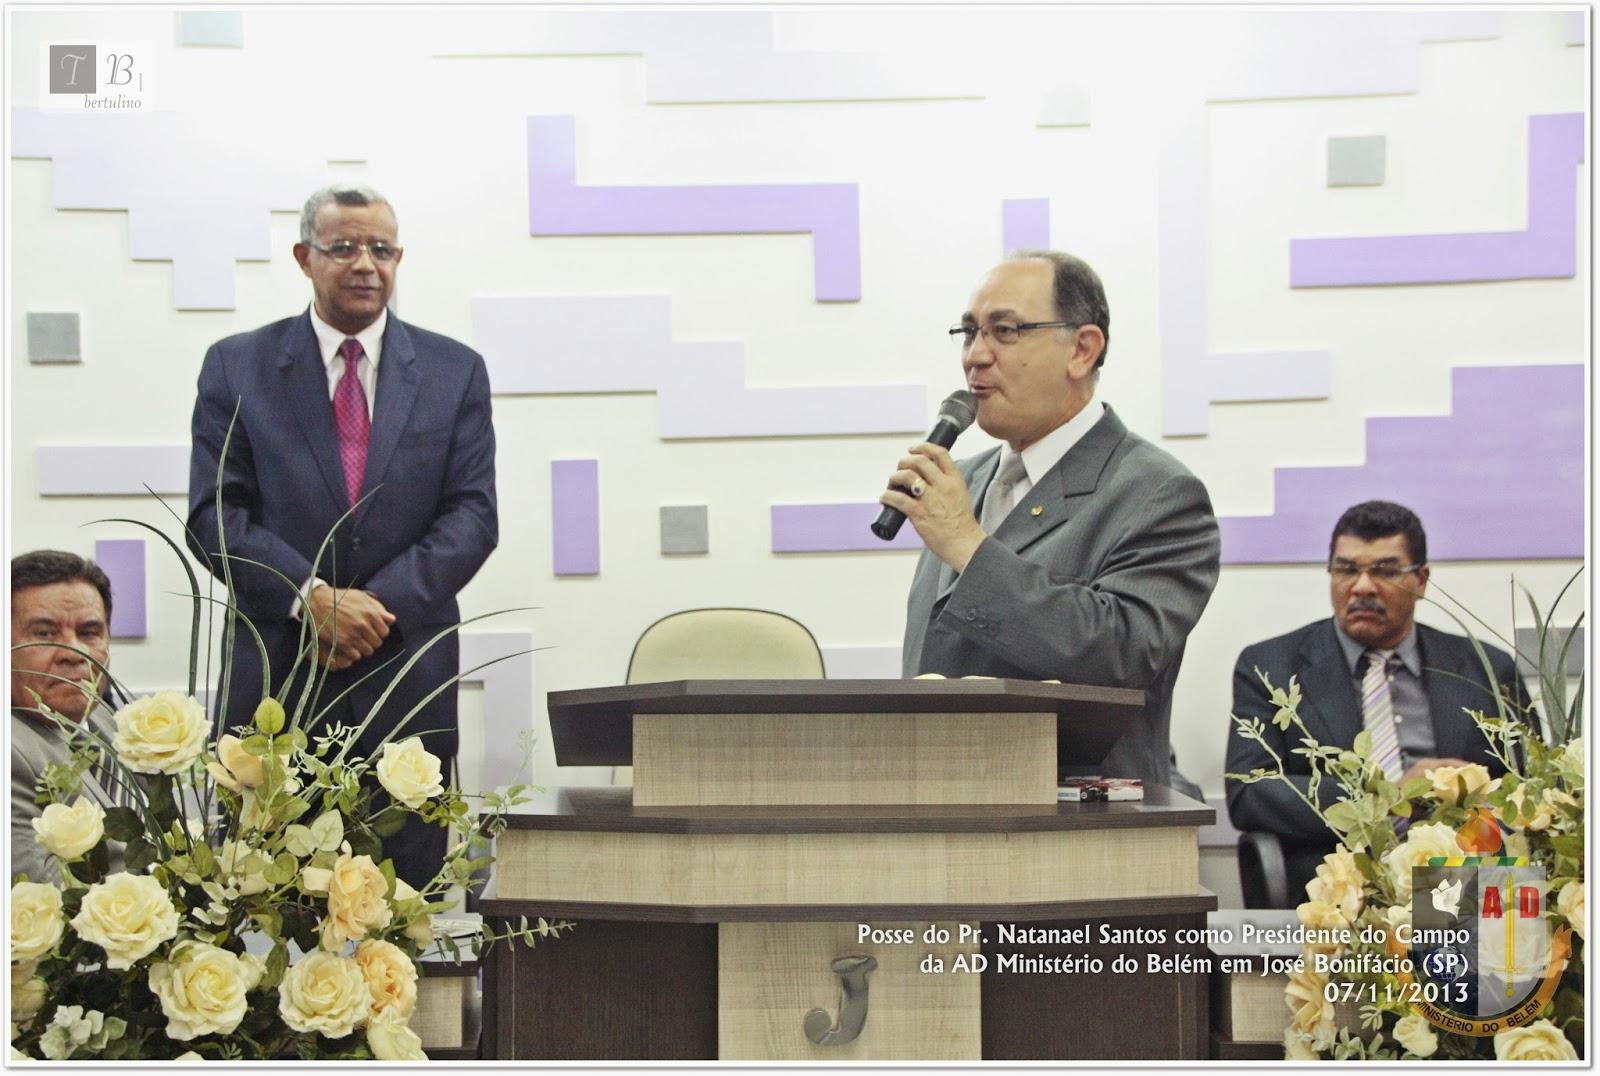 Jornal nosso setor ad minist rio do bel m em jos for Piso xose novo freire